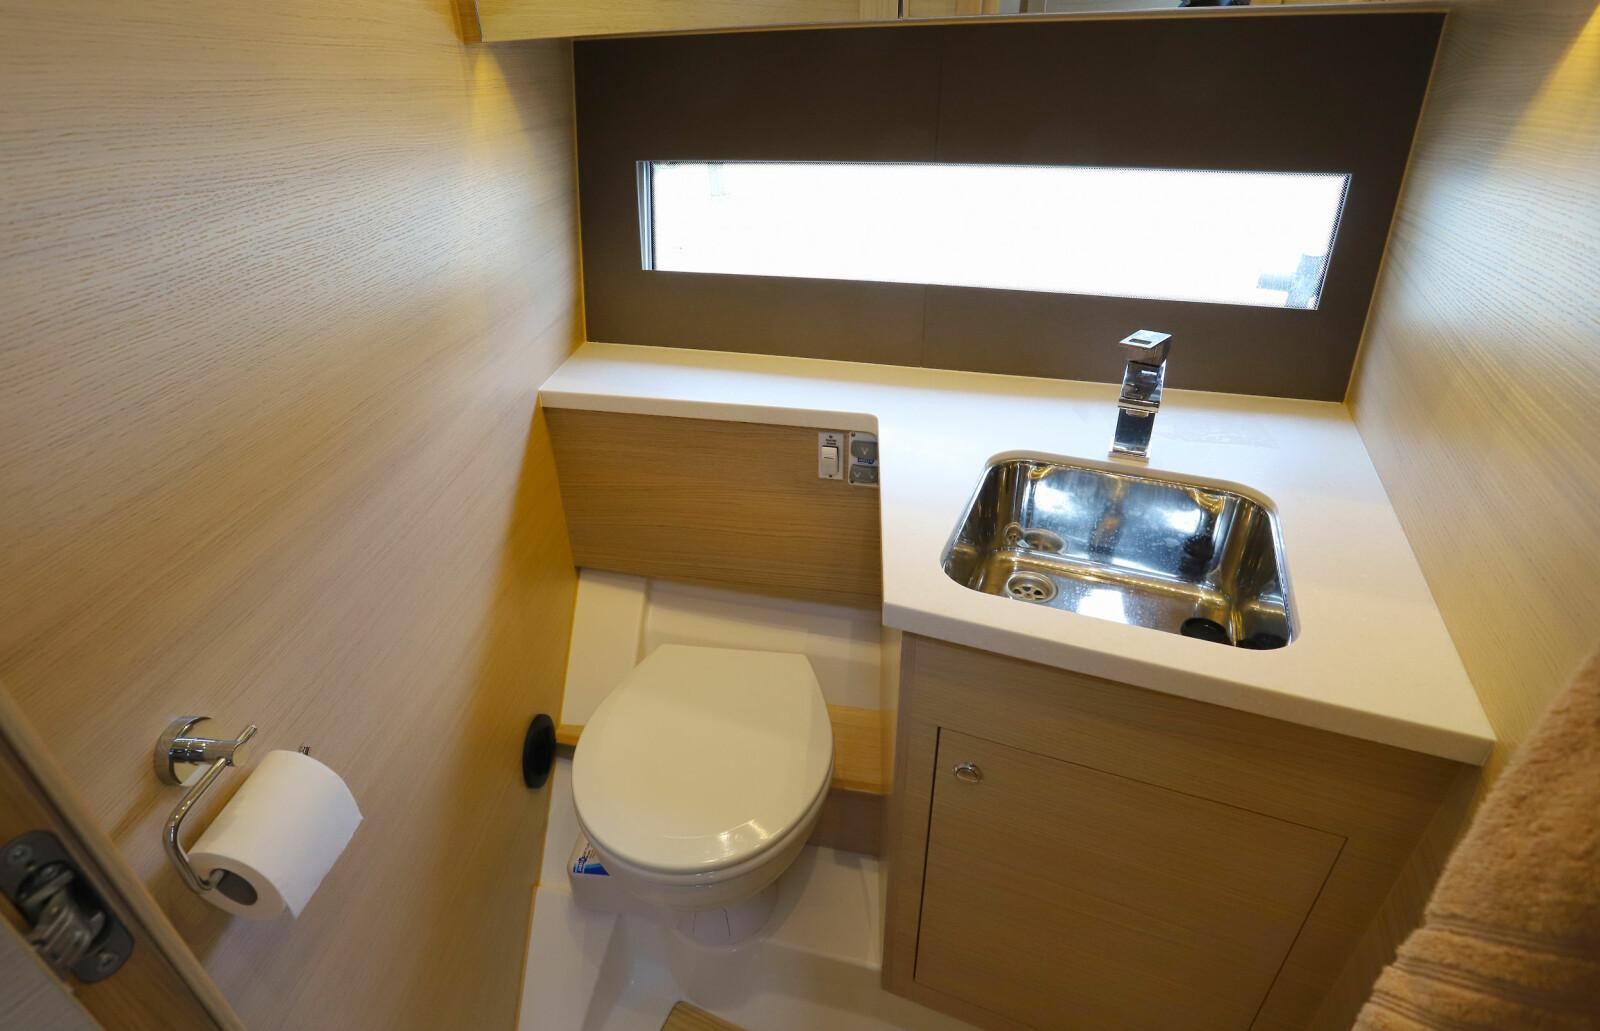 <b>EGEN AVDELING: </b>Skilsø 39 Panorama har separat toalett uten at løsningen kjennes for trang.